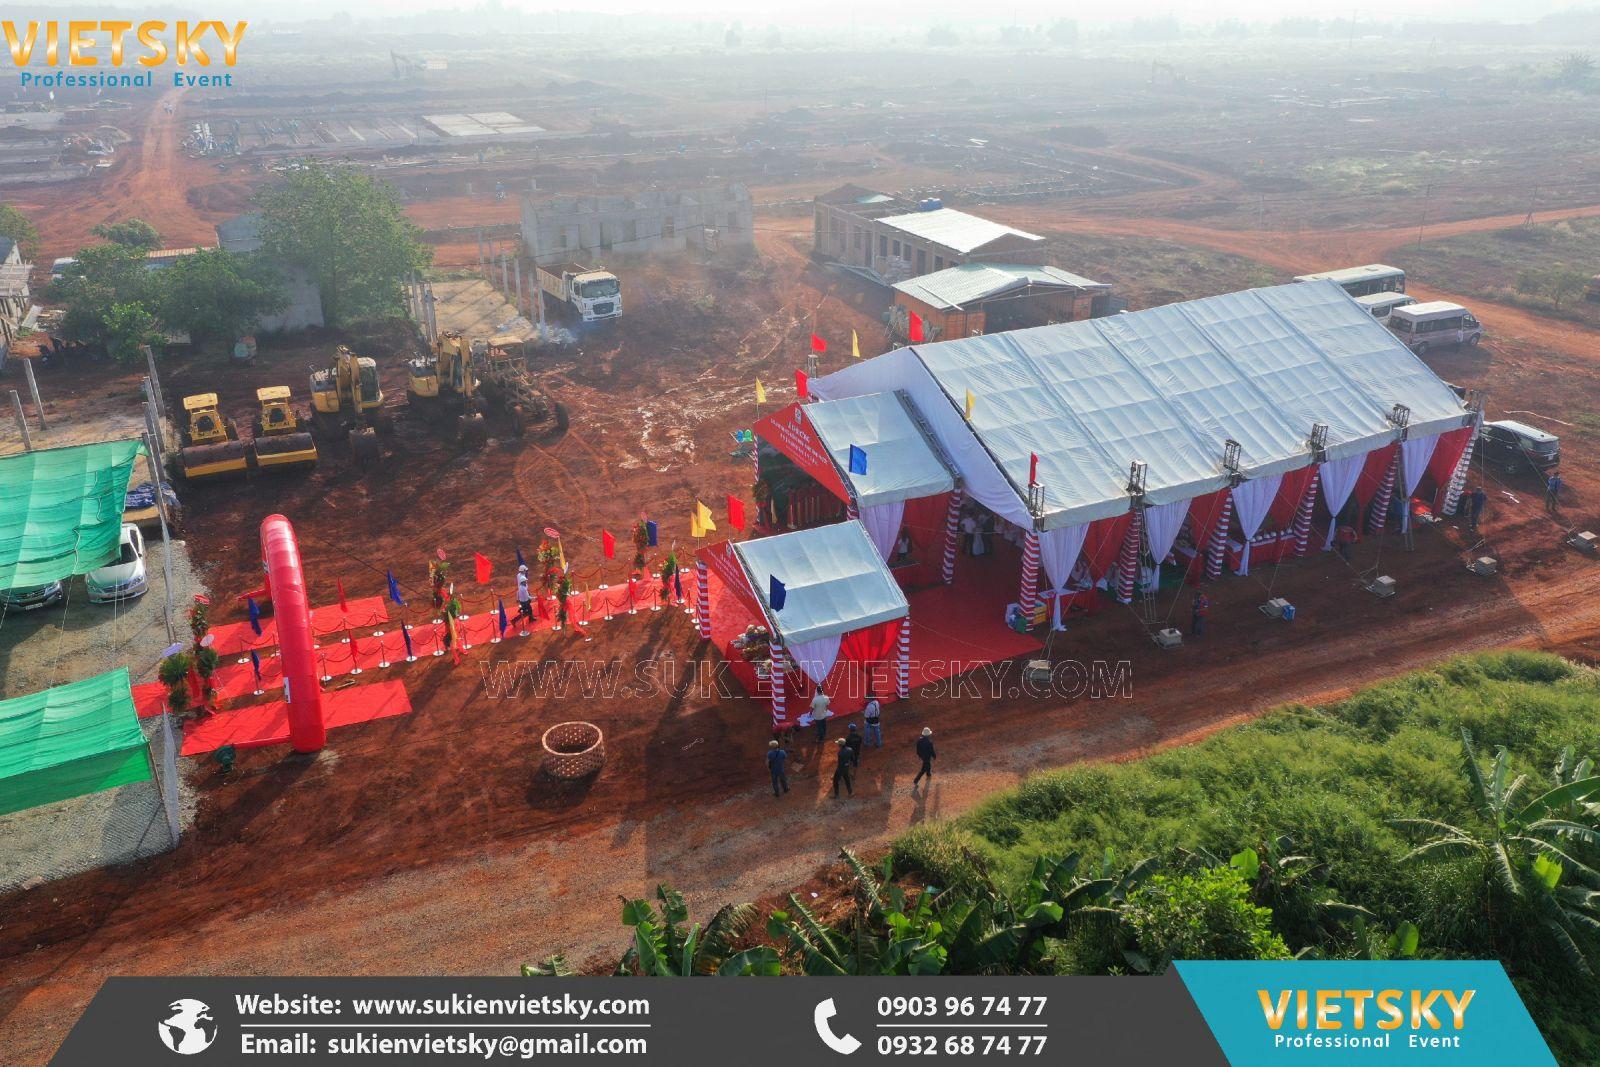 Công Ty Tổ Chức Sự Kiện VietSky I Nhà Tổ Chức Sự Kiện Chuyên Nghiệp Tại HCM, Hà Nội